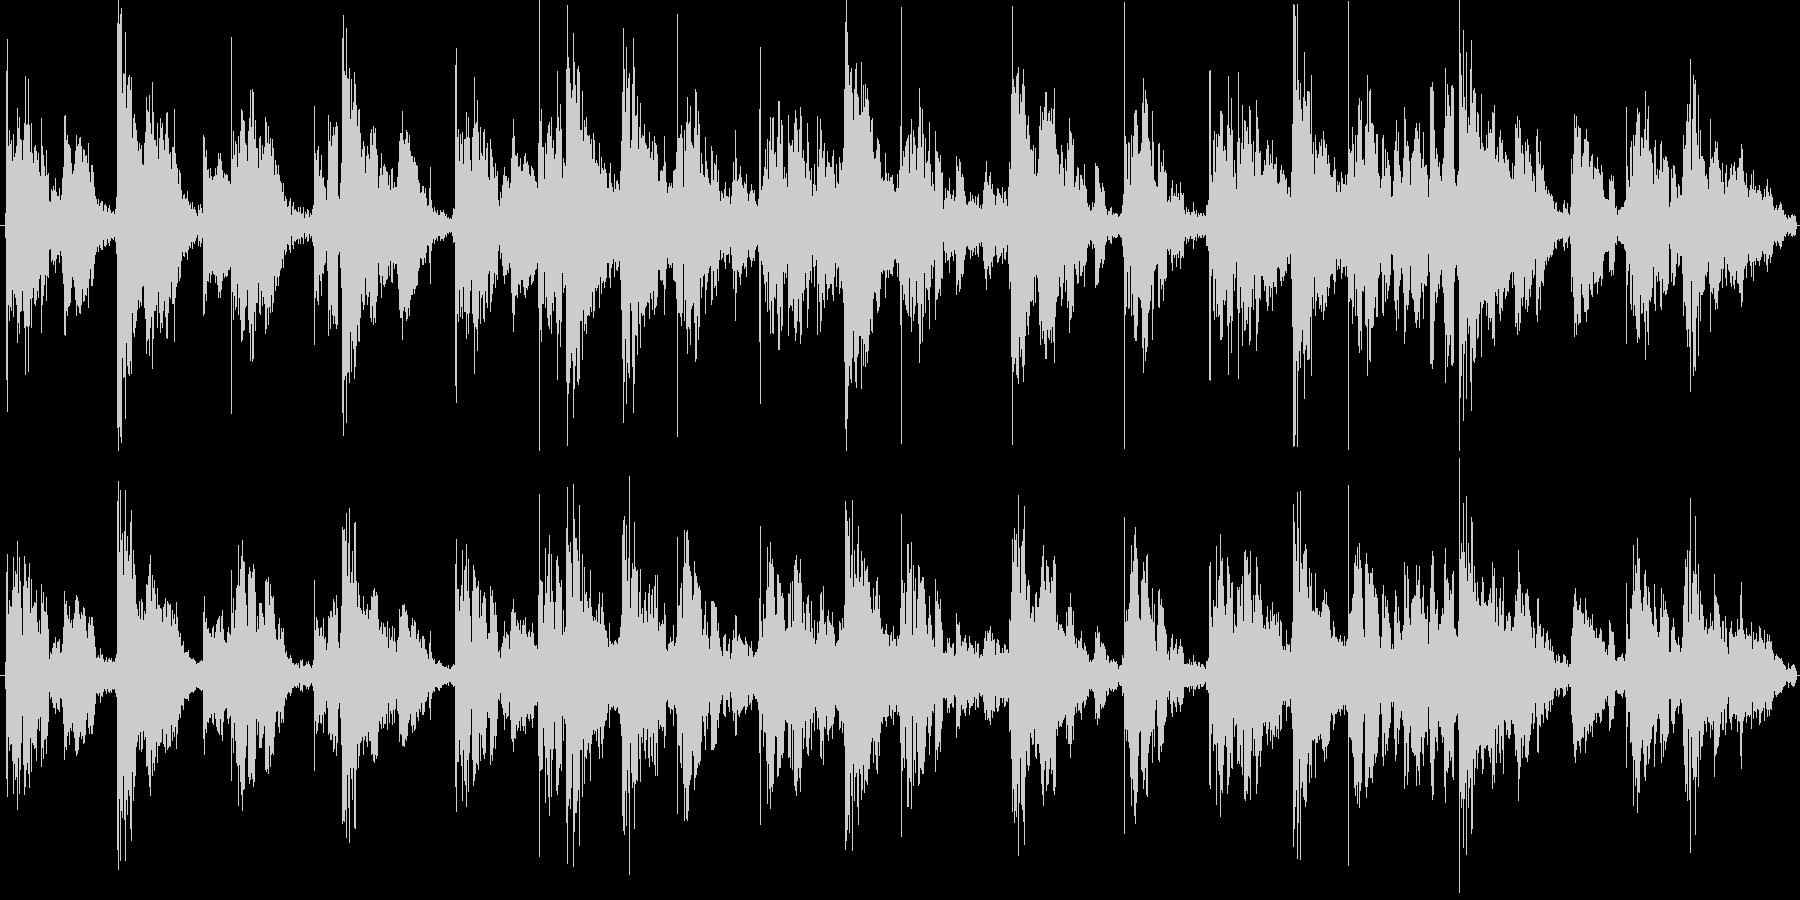 リズミカルで謎めいたローファイテクノの未再生の波形